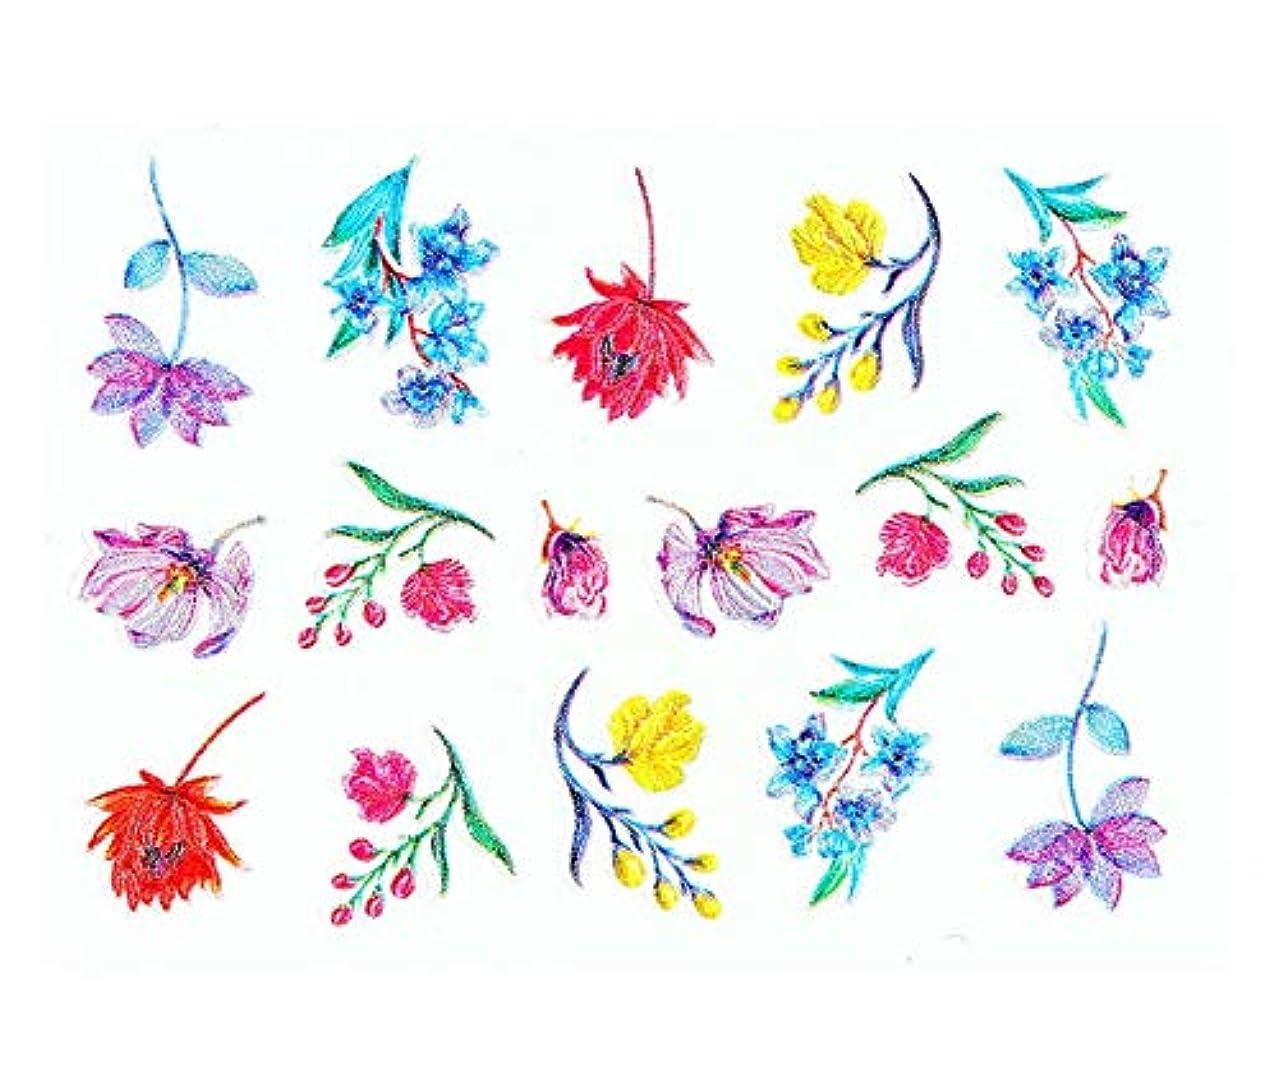 糸文庫本卵Tianmey 5Dエンボス透かしネイルステッカーフラワーマニキュアデコレーションネイルデカールステッカー (Color : Flower)